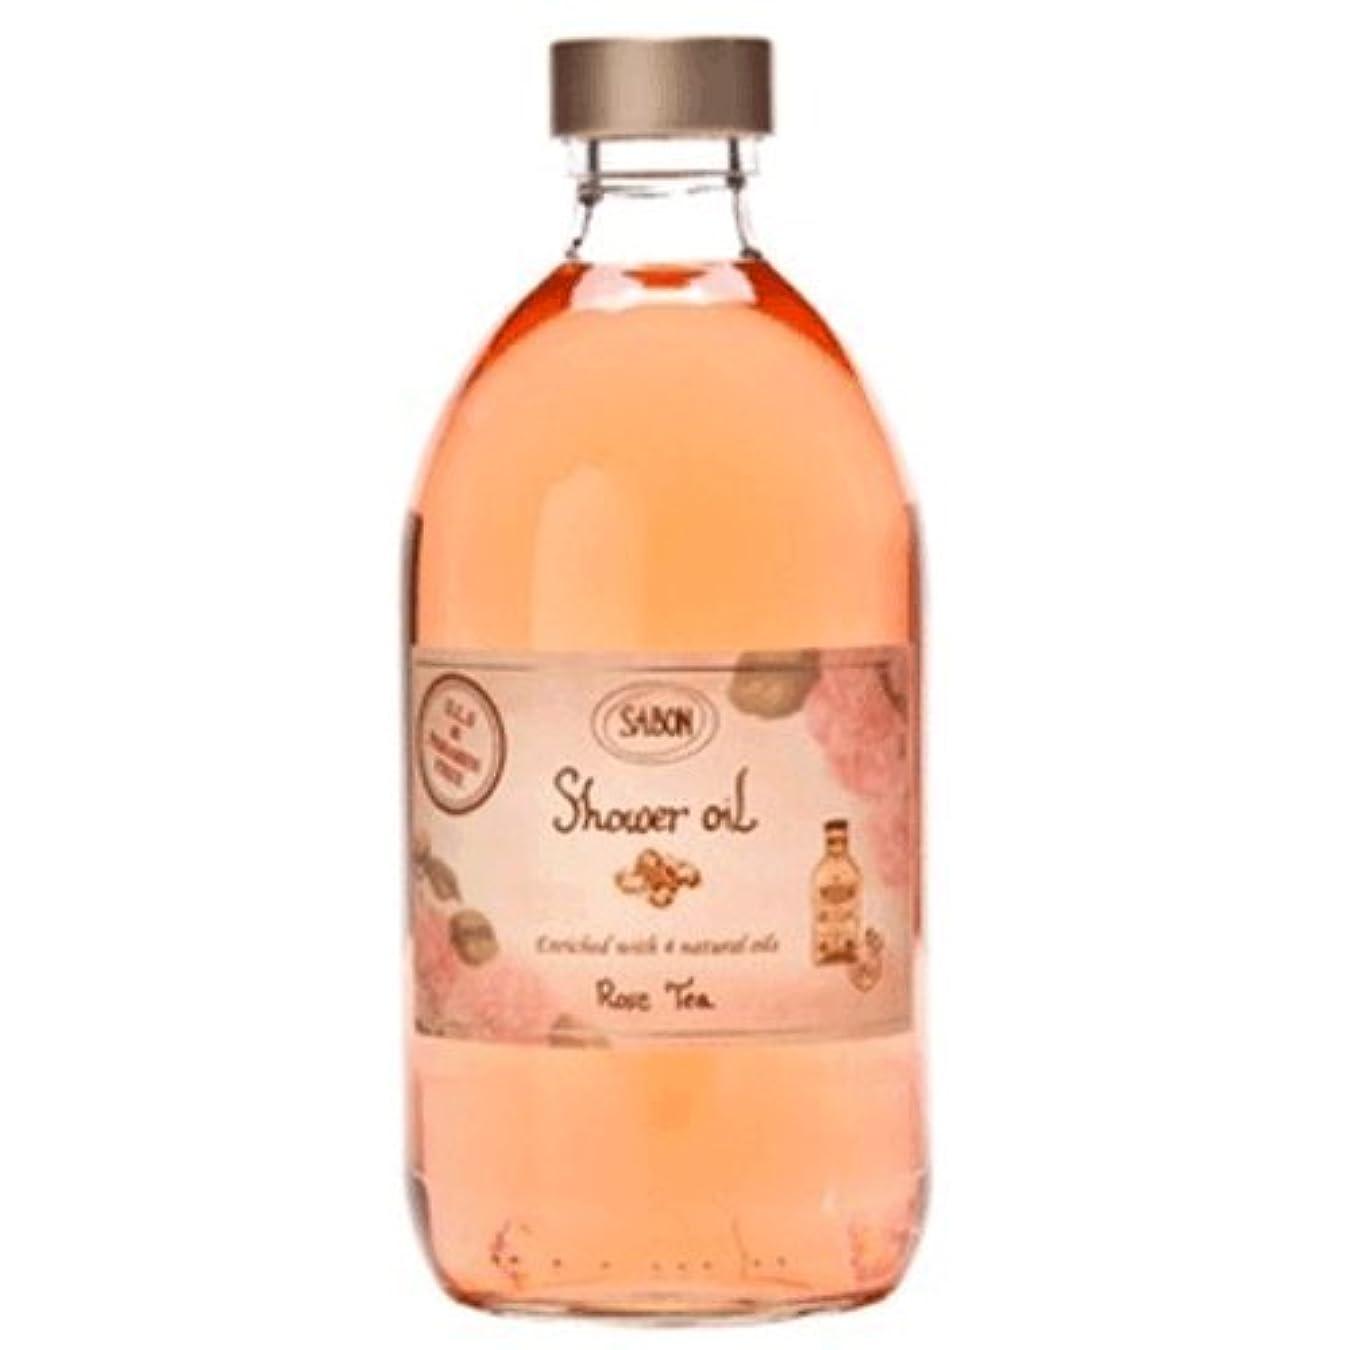 【サボン】シャワーオイル ローズティー(Rose Tea) ポンプ付き 500ml